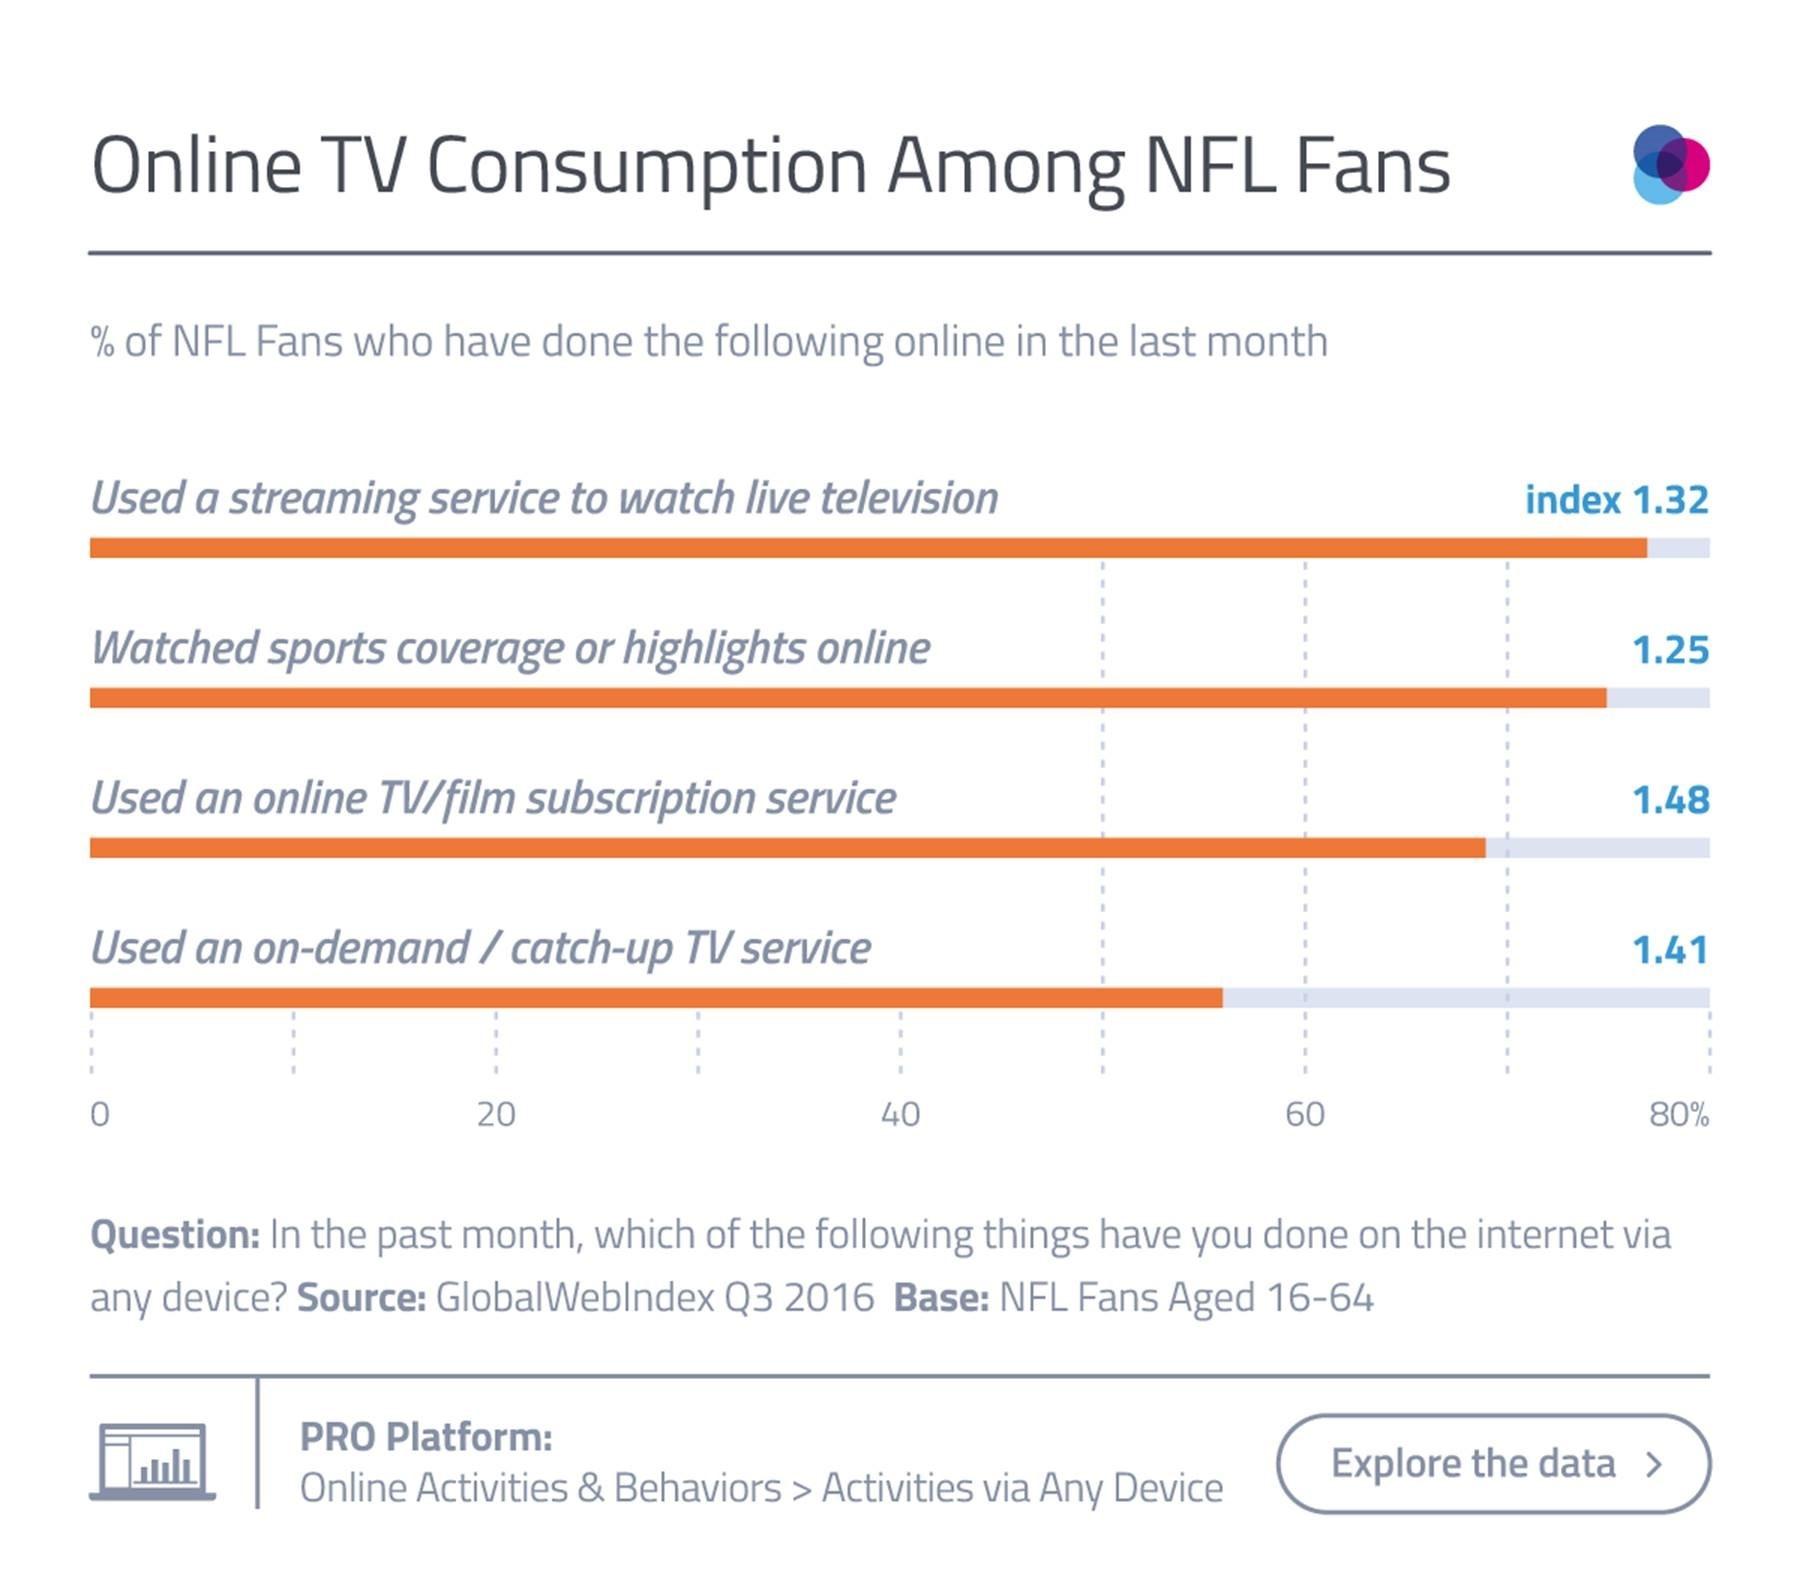 Online TV Consumption Among NFL Fans